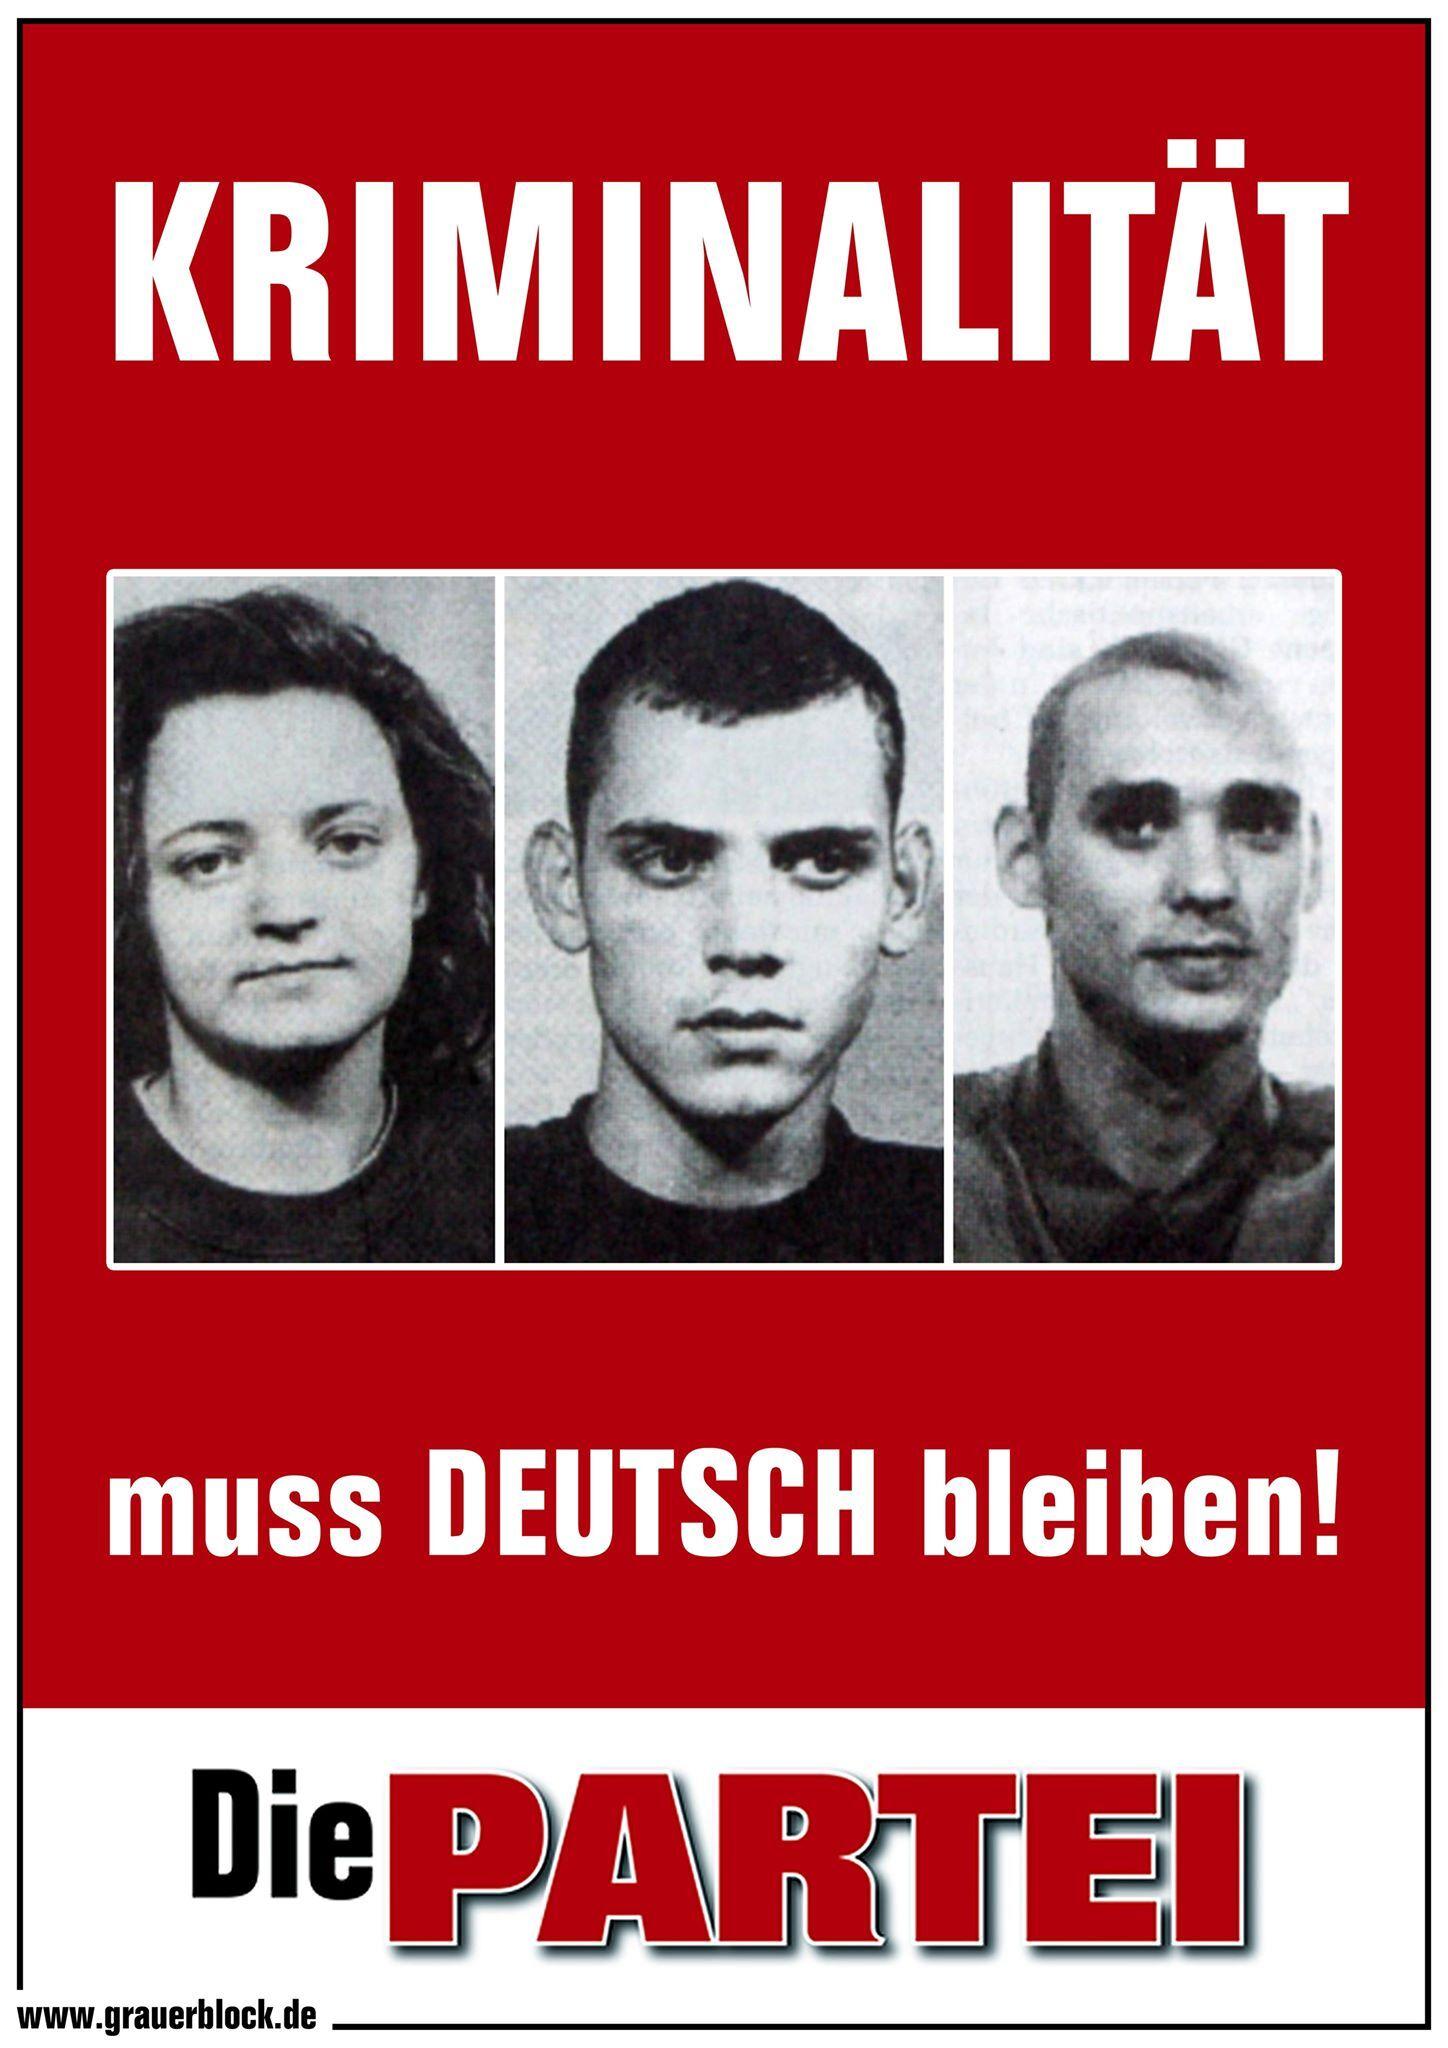 Kundgebung: Kriminalität muss deutsch bleiben!